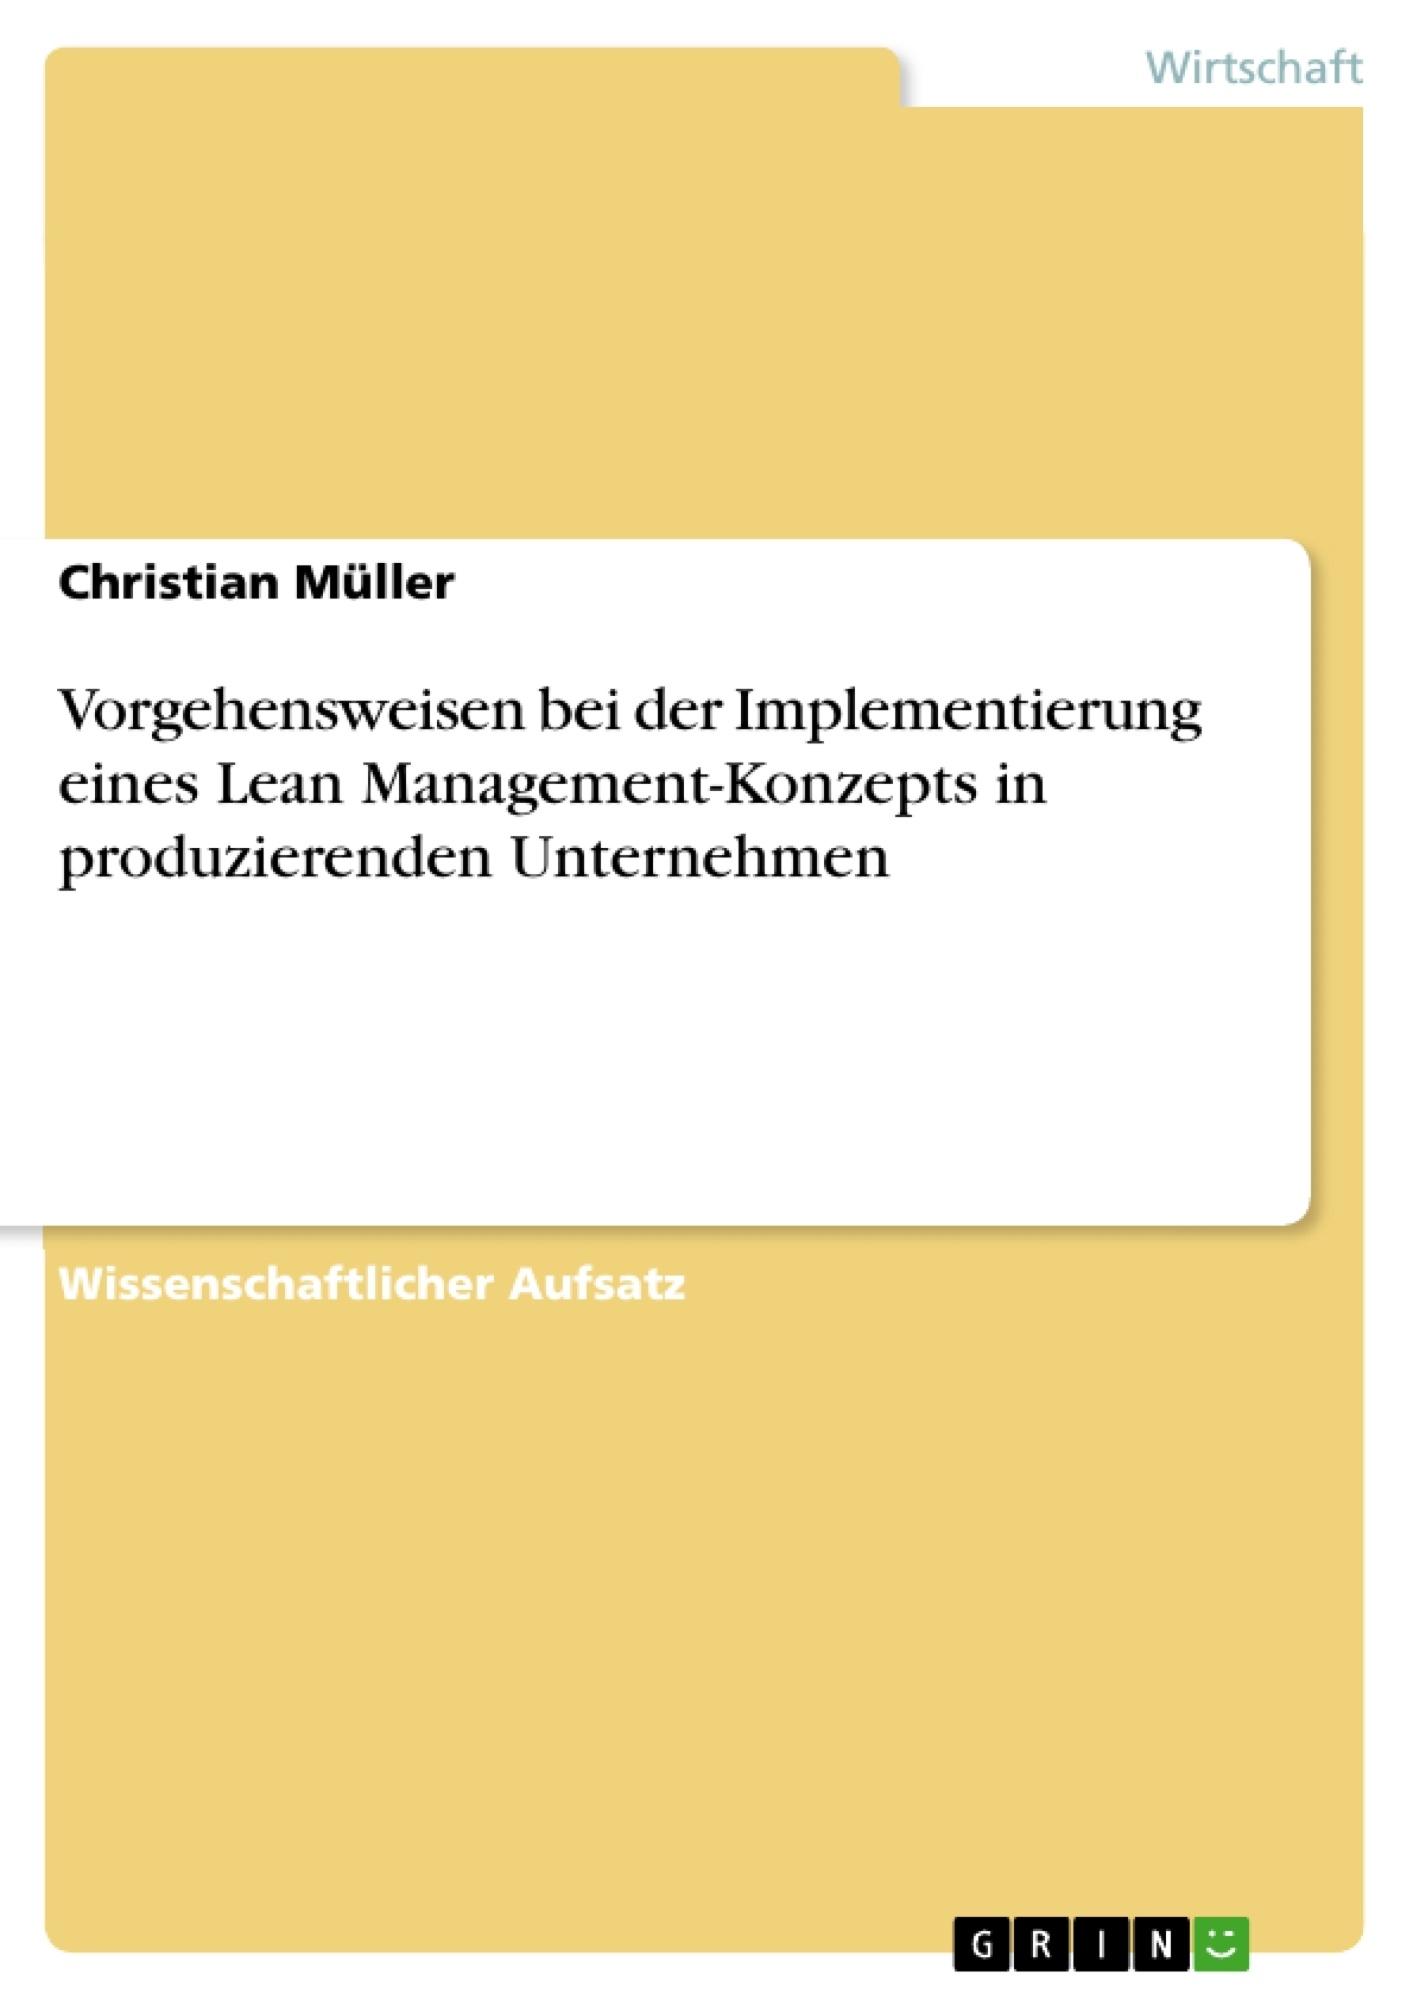 Titel: Vorgehensweisen bei der Implementierung eines Lean Management-Konzepts in produzierenden Unternehmen